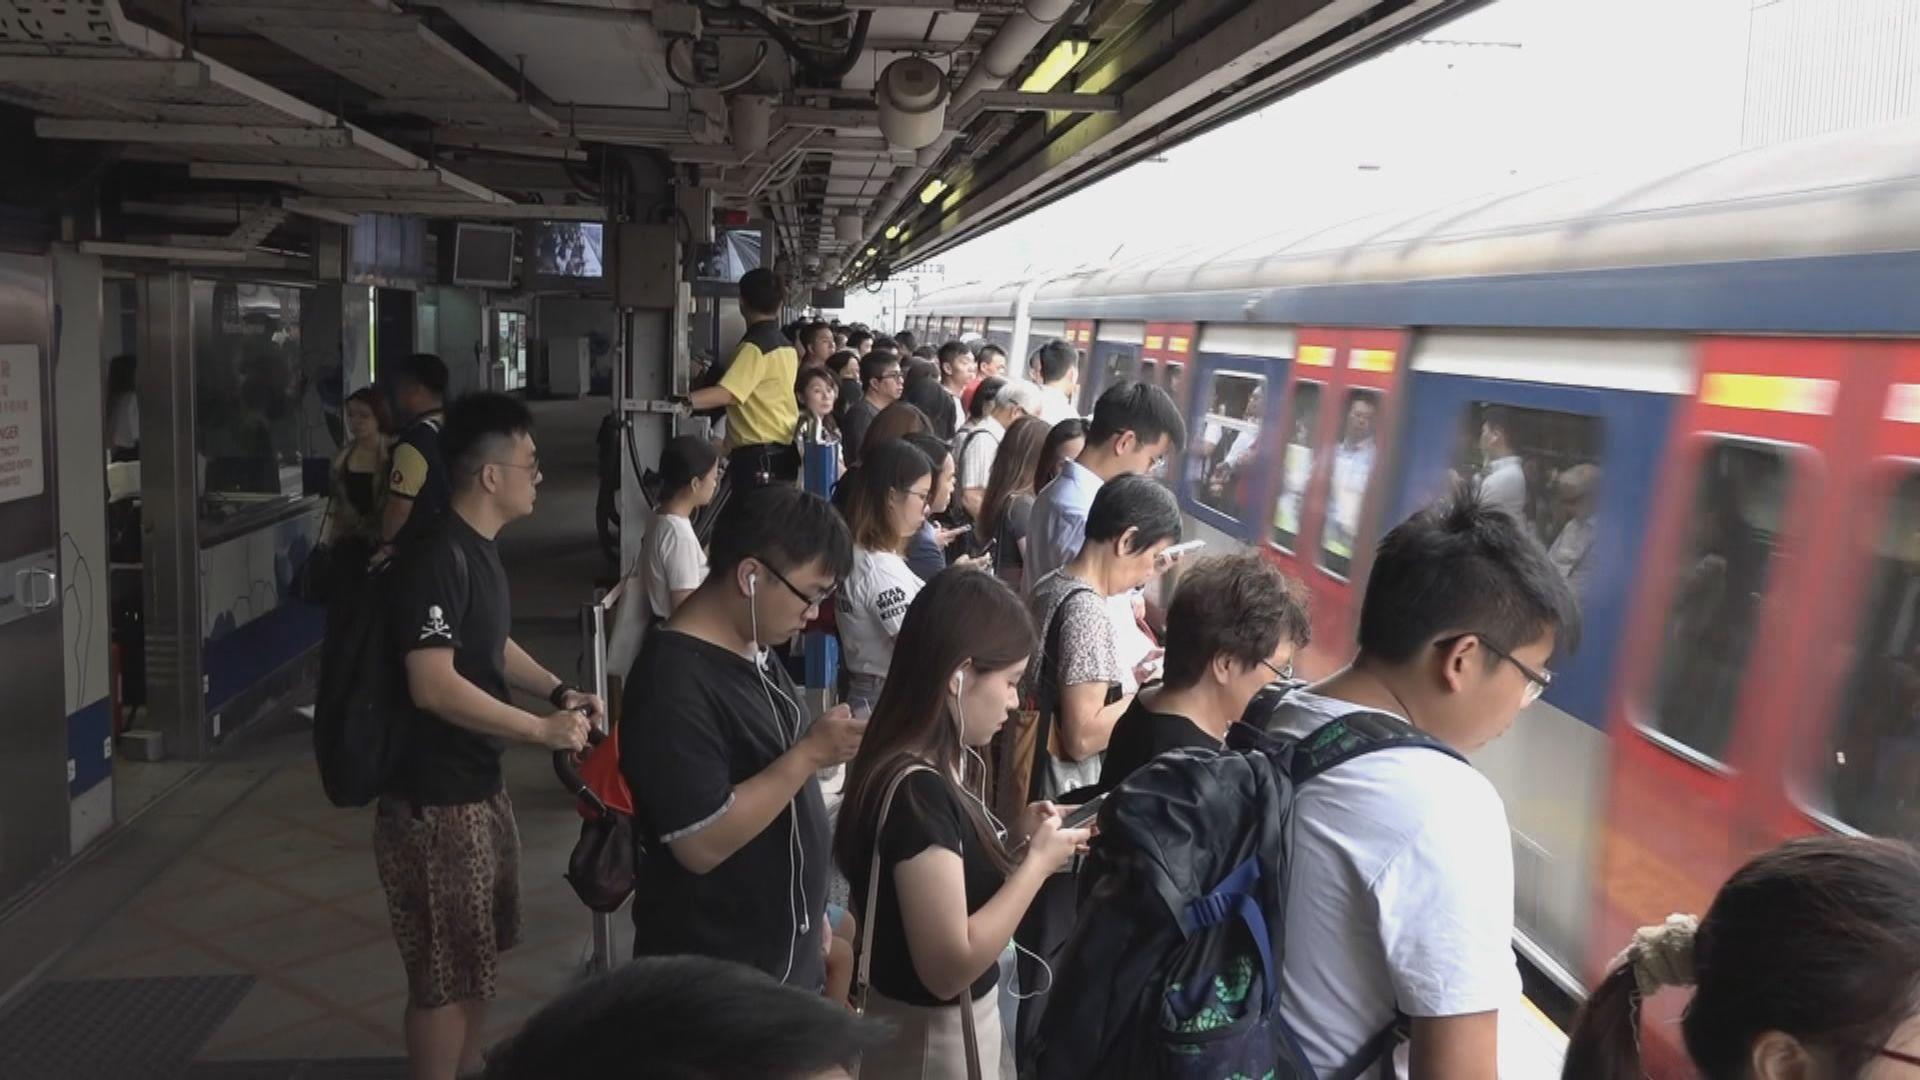 東鐵綫新信號系統測試期間再發現問題